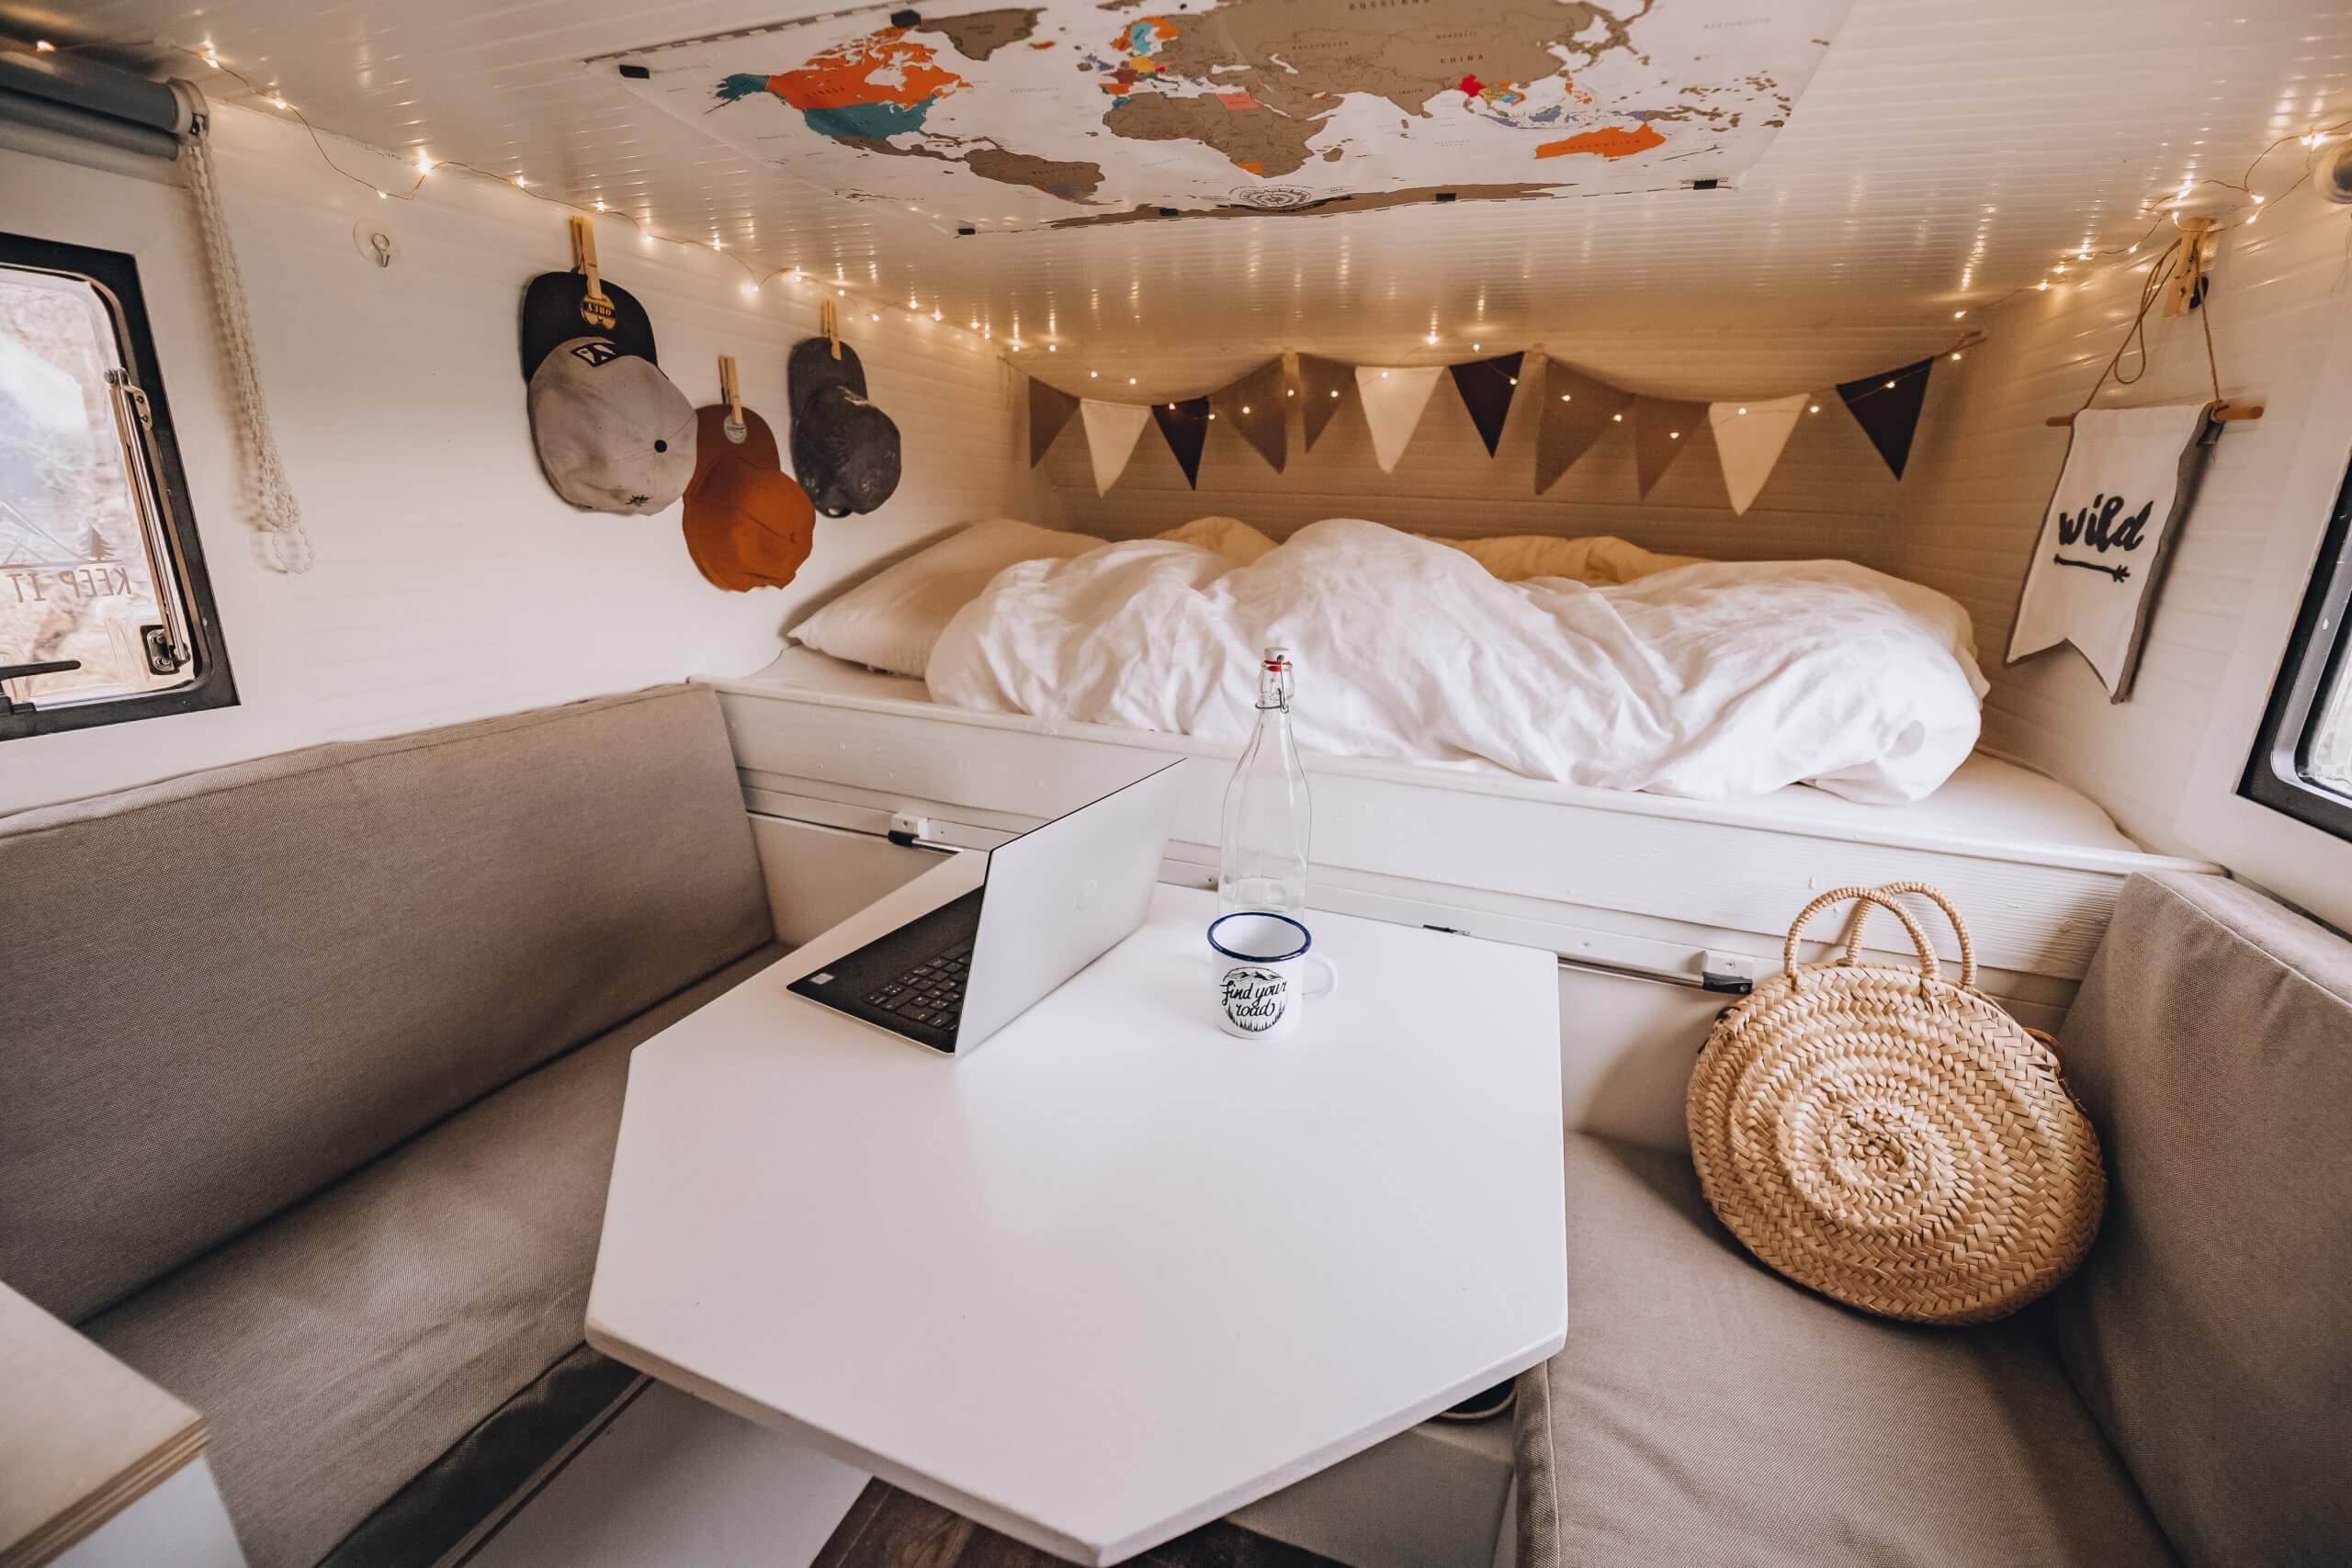 Tisch, Sitzecke und Bett des Innenausbaus